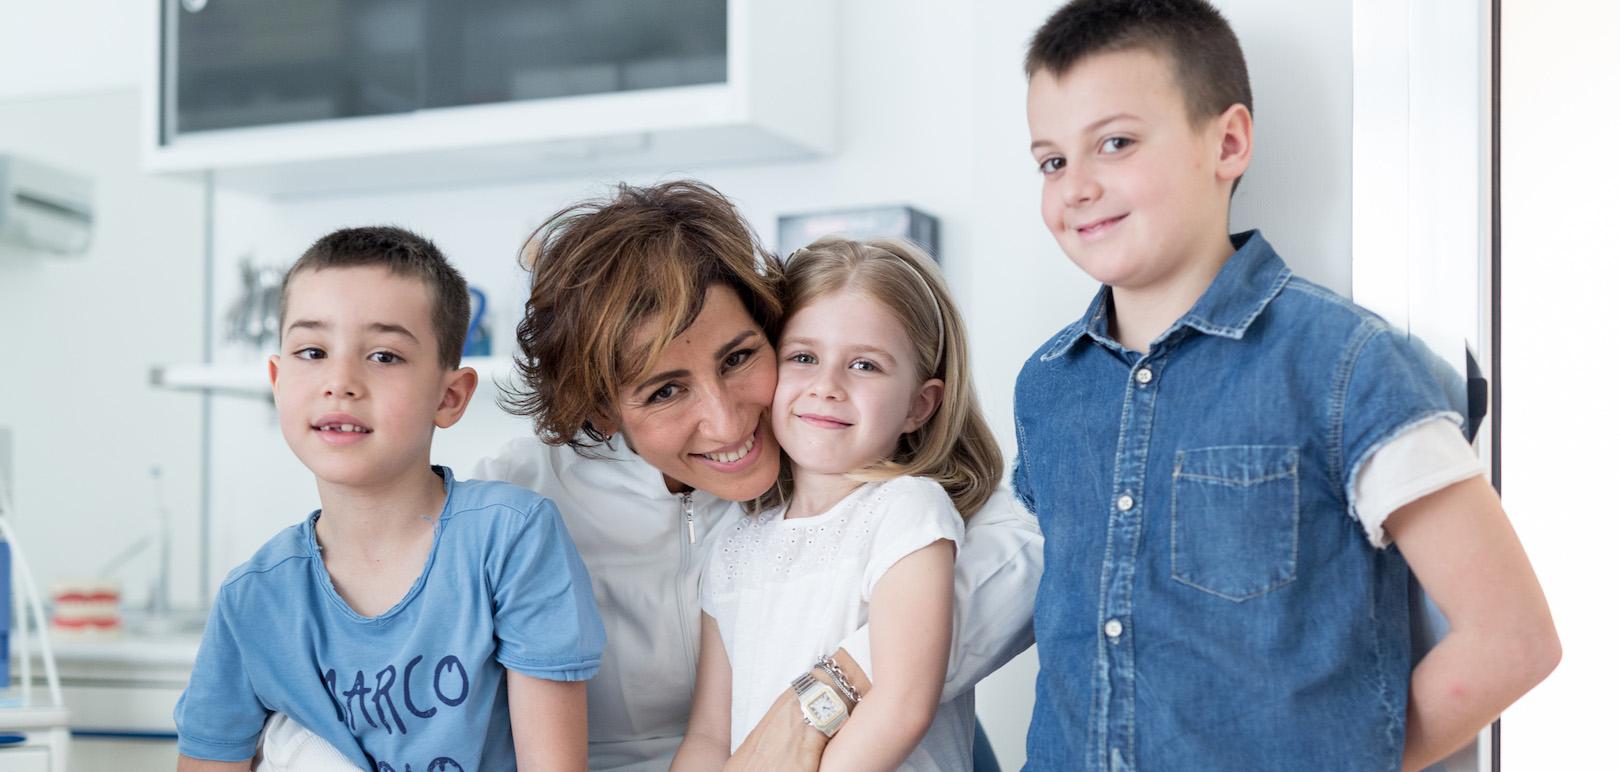 Da oltre 15 anni, ci prendiamo cura dei sorrisi di adulti e bambini